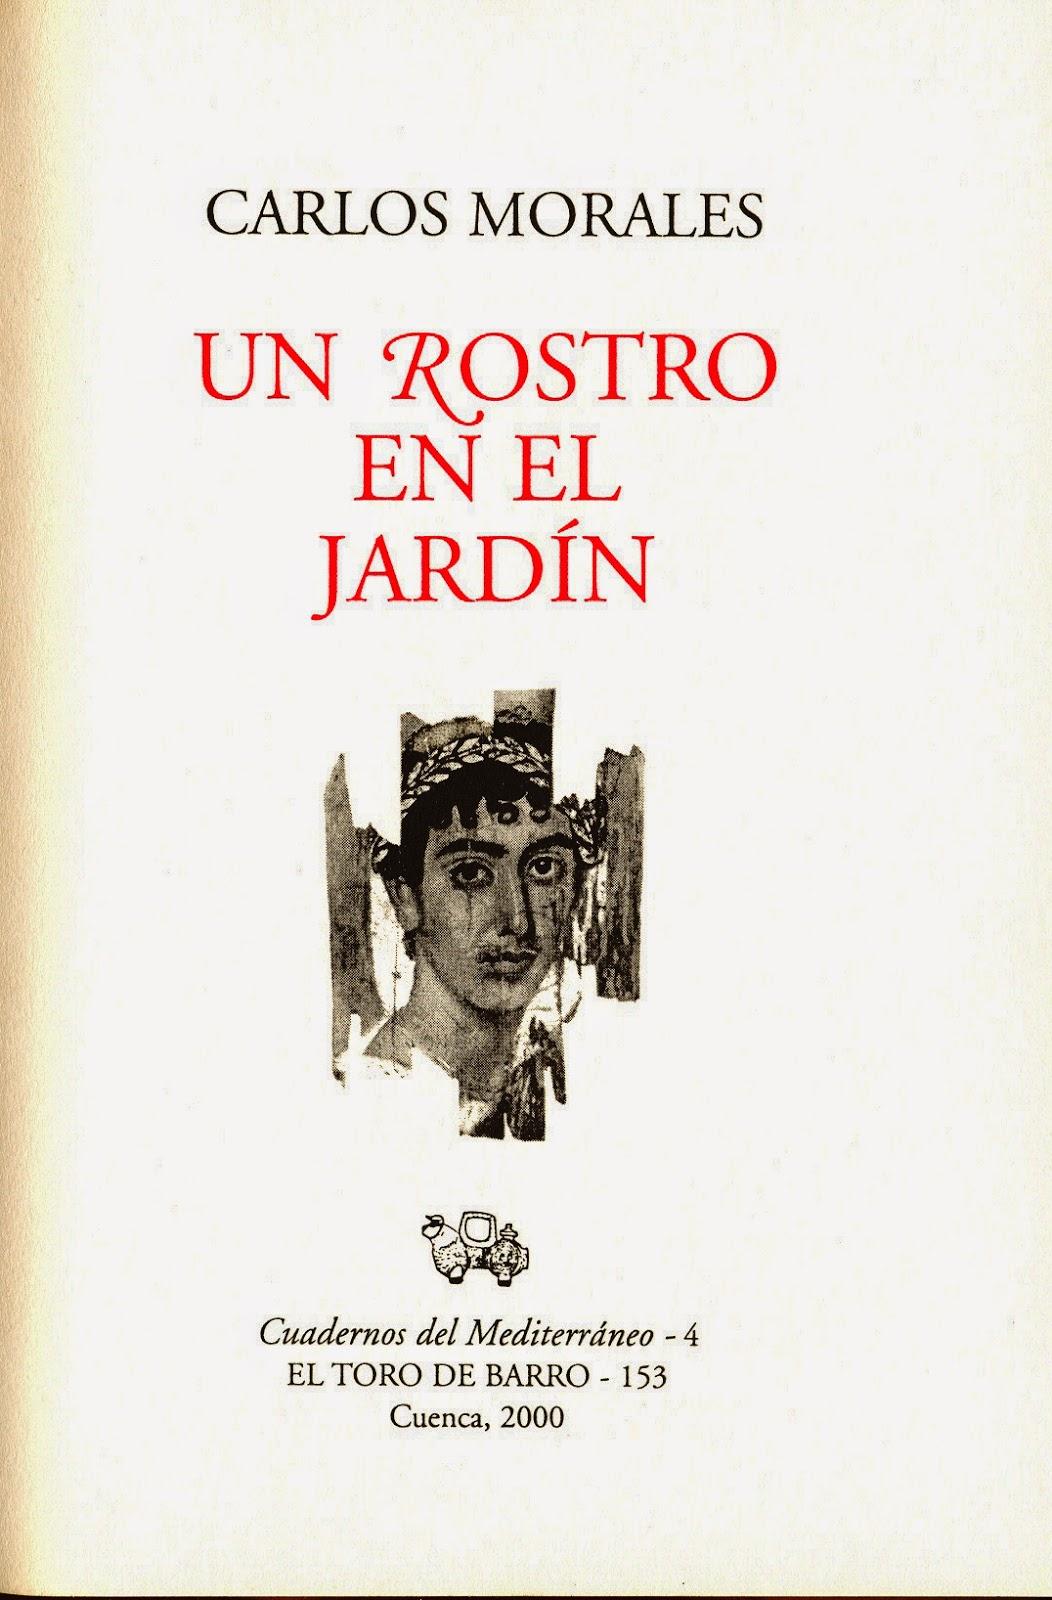 """Carlos Morales, """"Un rostro en el jardín"""", Col. Cuadernos del Mediterráneo, El Toro de Barro, Tarancón de Cuenca 2000"""